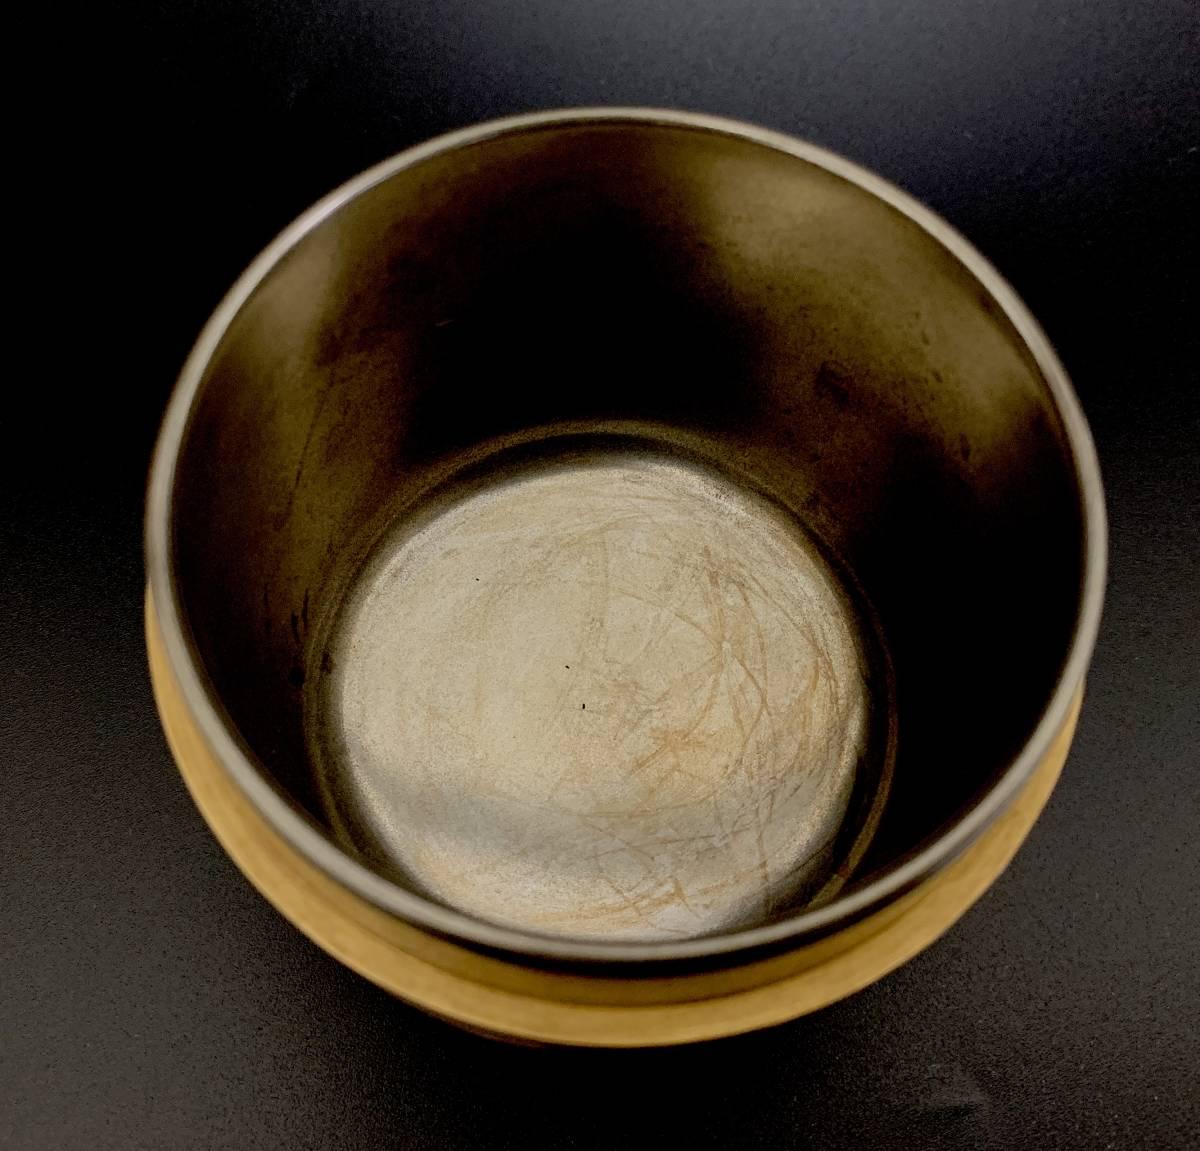 ◆坪井英憲(夕帆)作◆朝顔蒔絵 大棗 輪島塗 茶器 茶道具 共箱付き 伝統工芸品_画像5